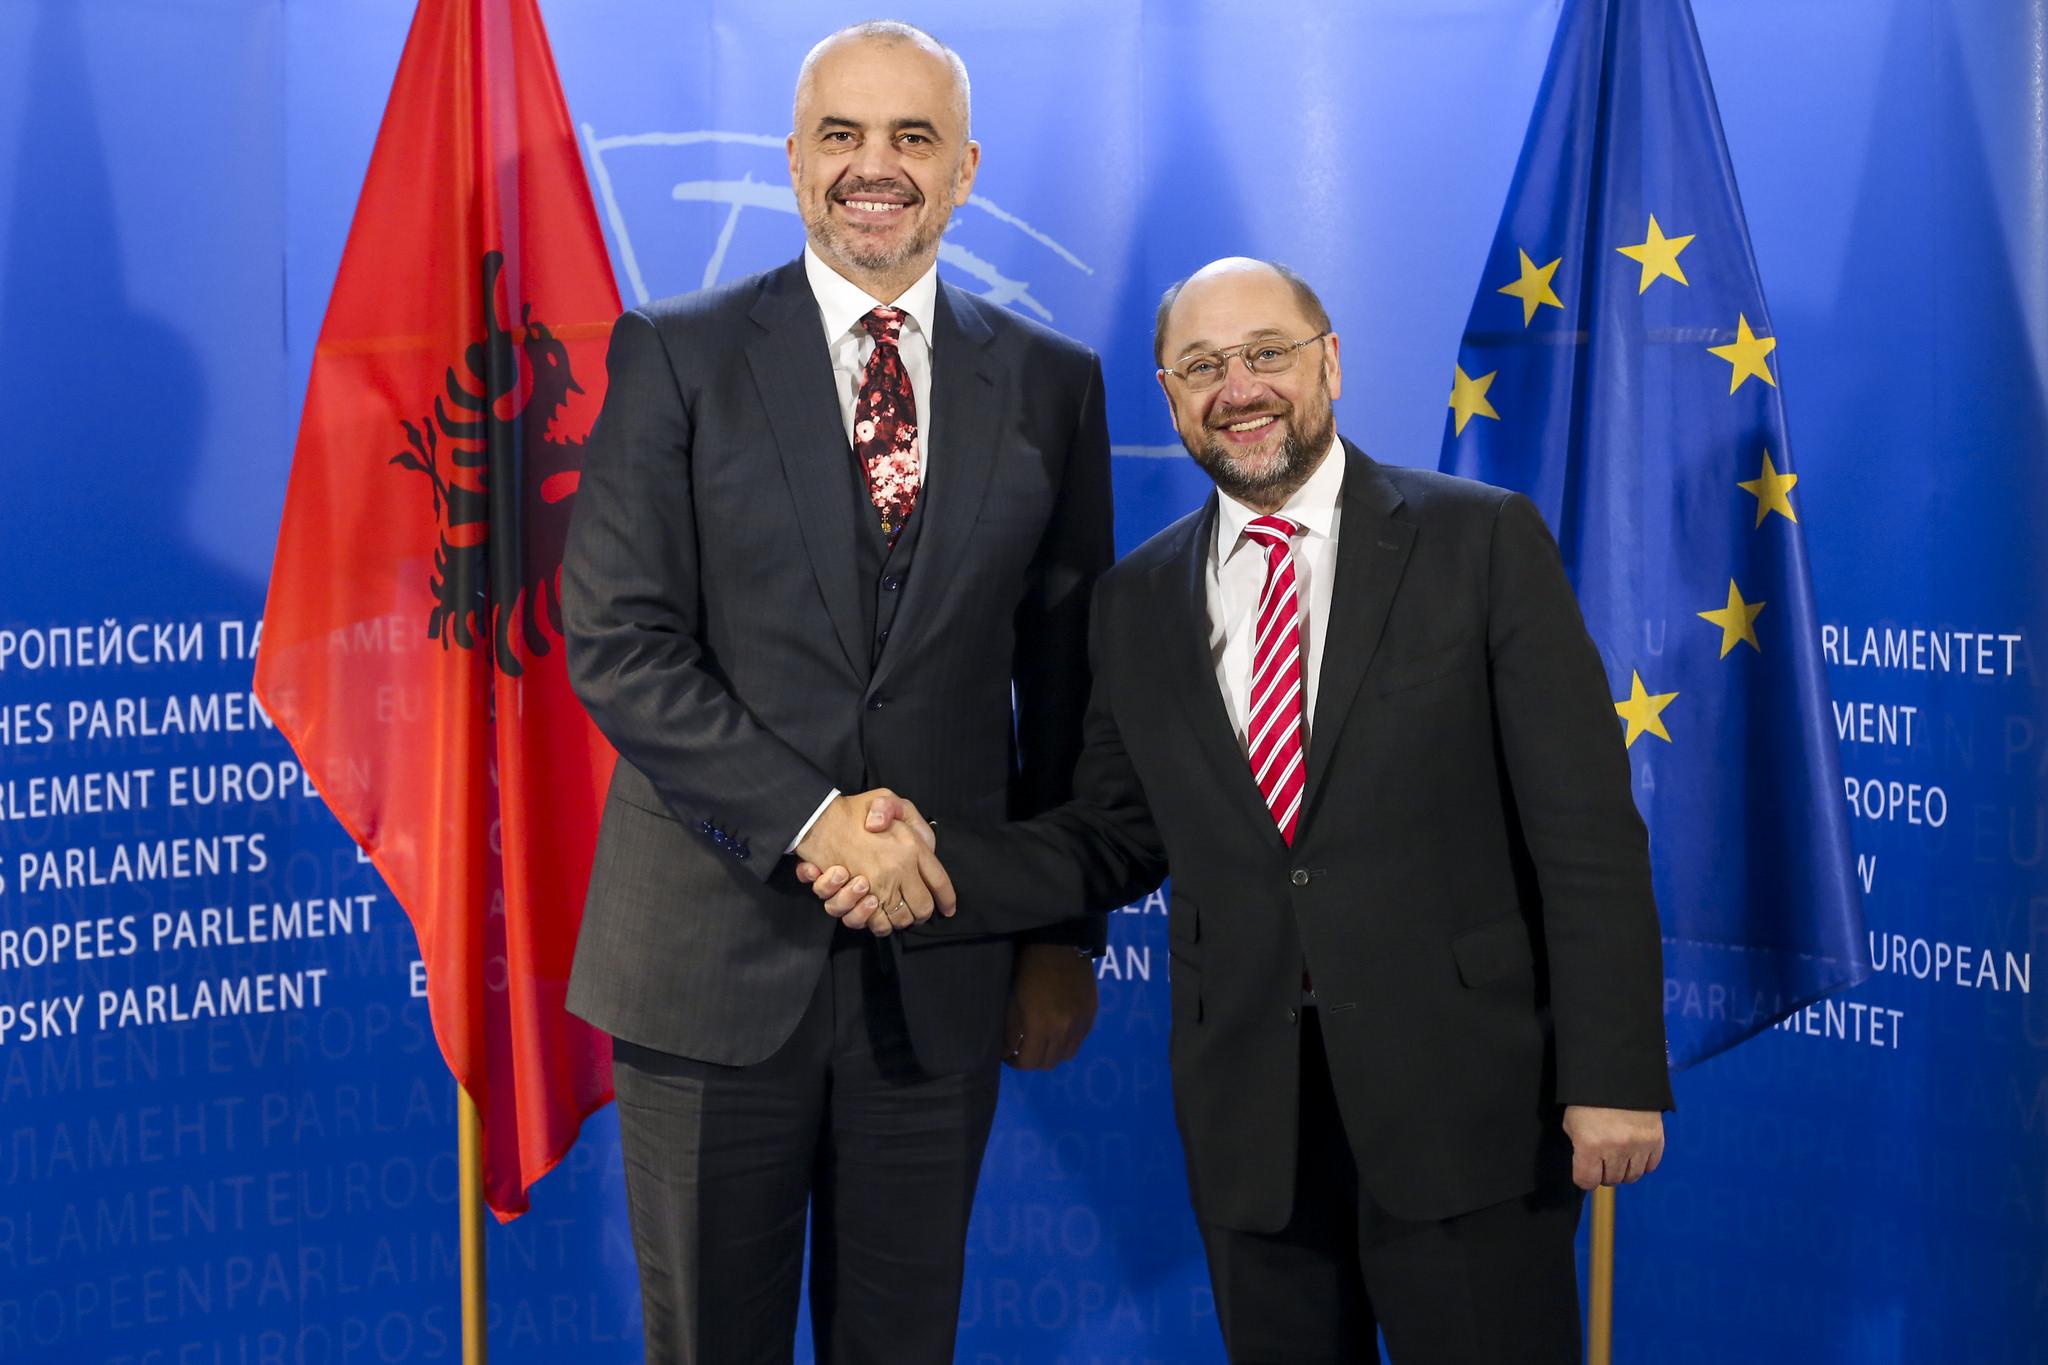 Edi Rama et Martin Schulz, président du Parlement européen, le 9 décembre 2014. Crédit Union Européenne 2014 - Parlement européen (licence CC BY-NC-ND 2.0).